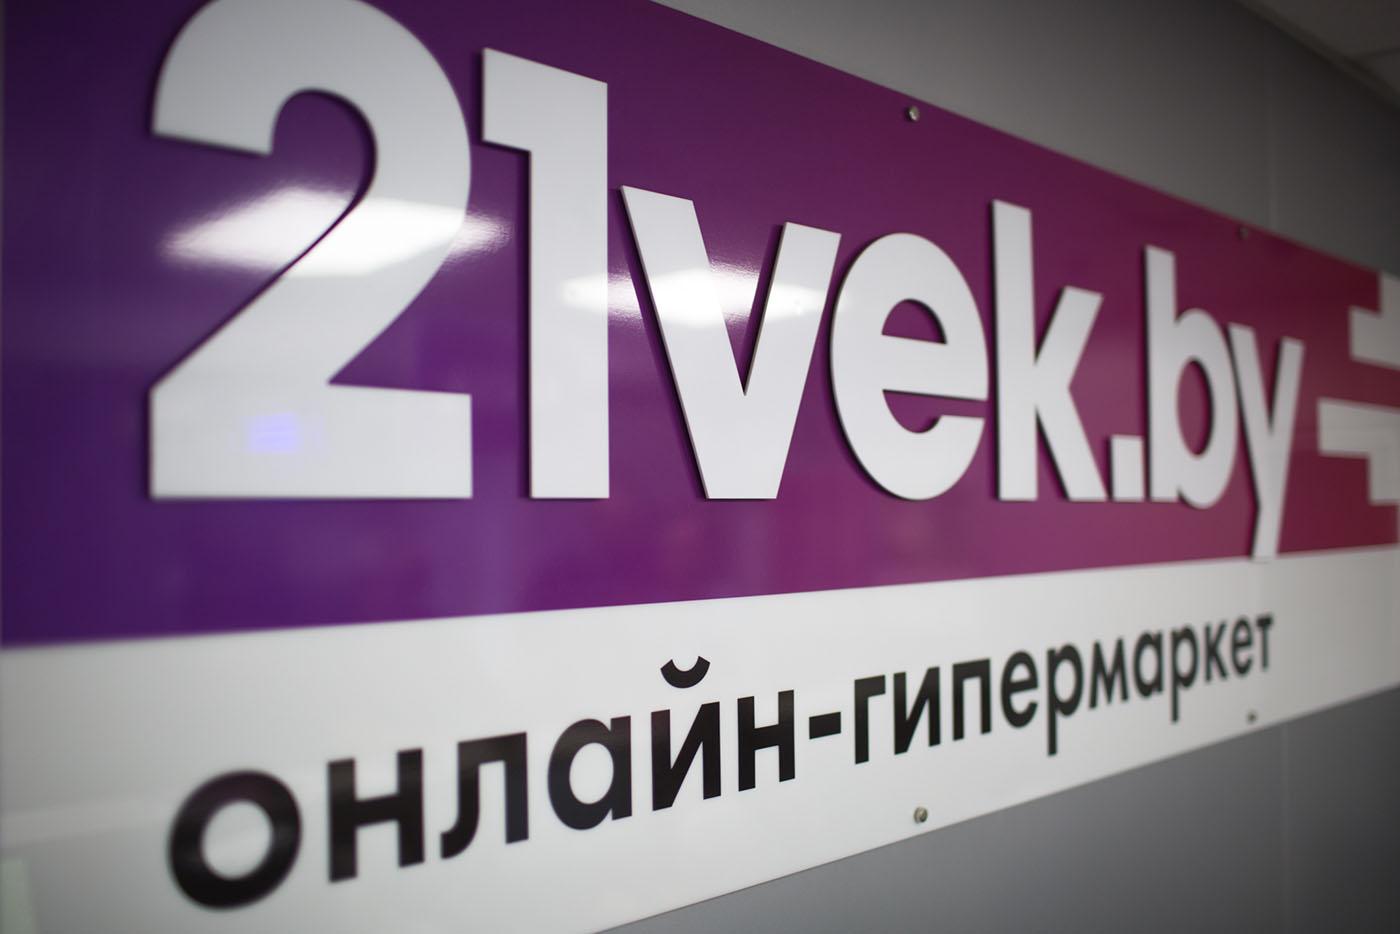 21vek.by - онлайн гипермаркет электроники и товаров для дома